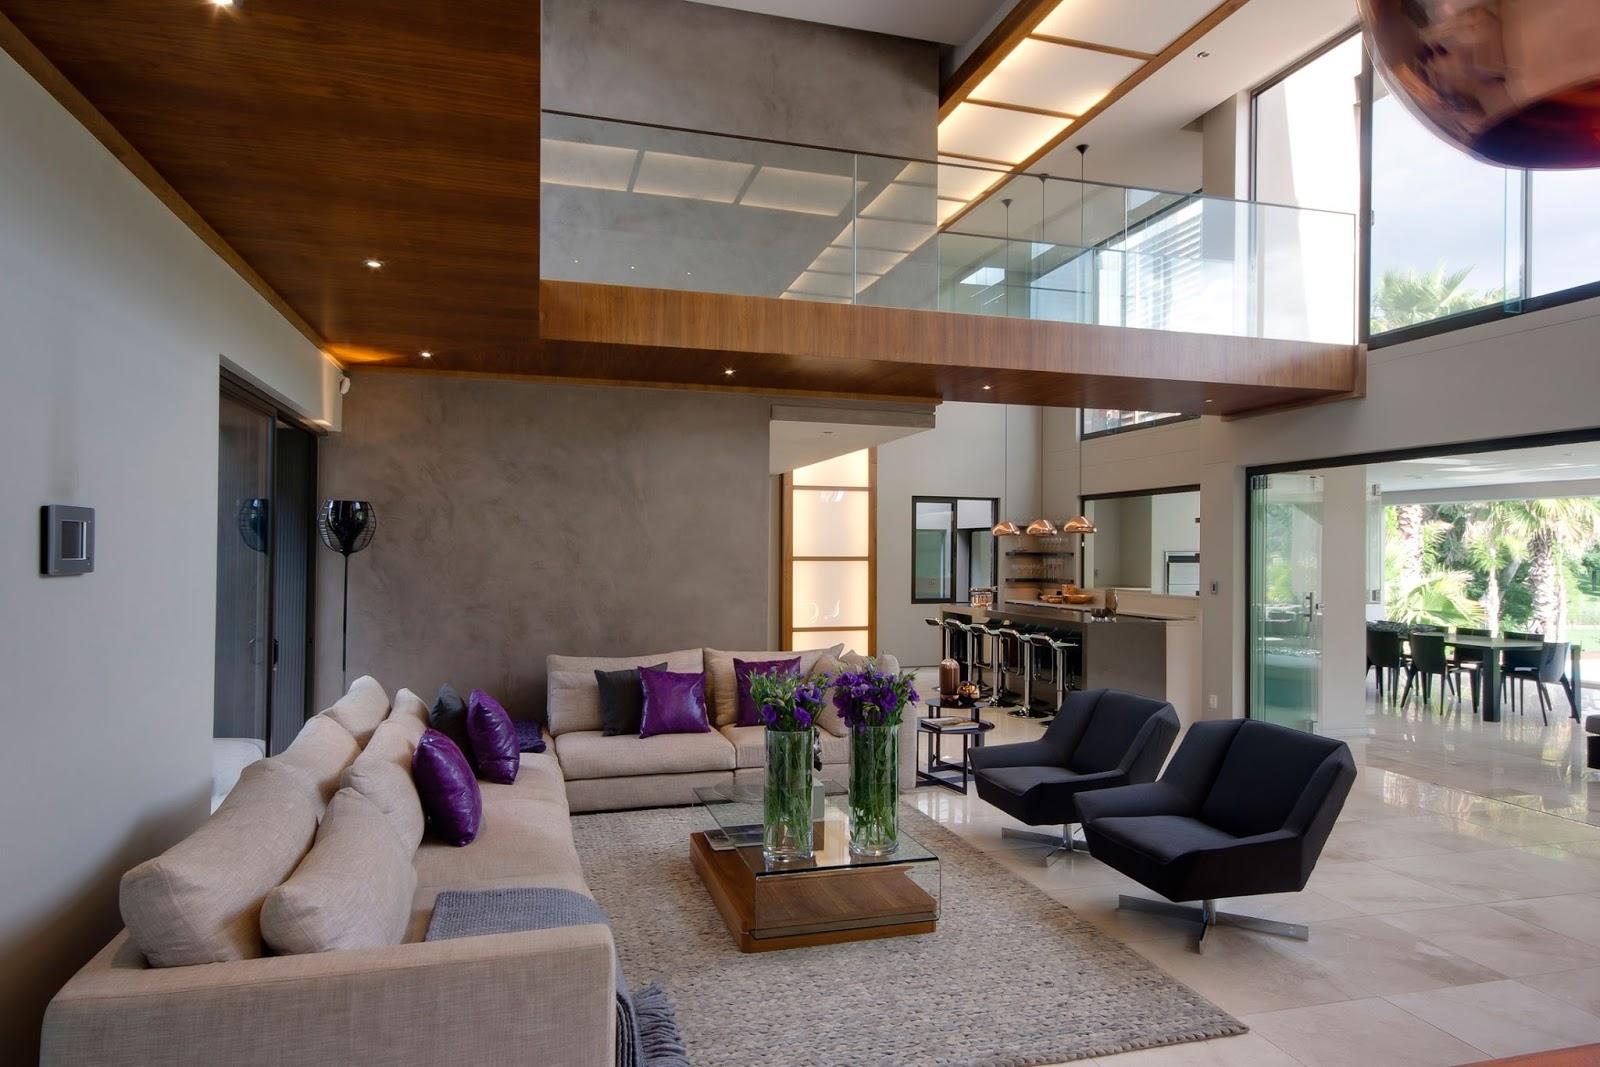 Wohnzimmer accessoires bnbnews co modernes haus